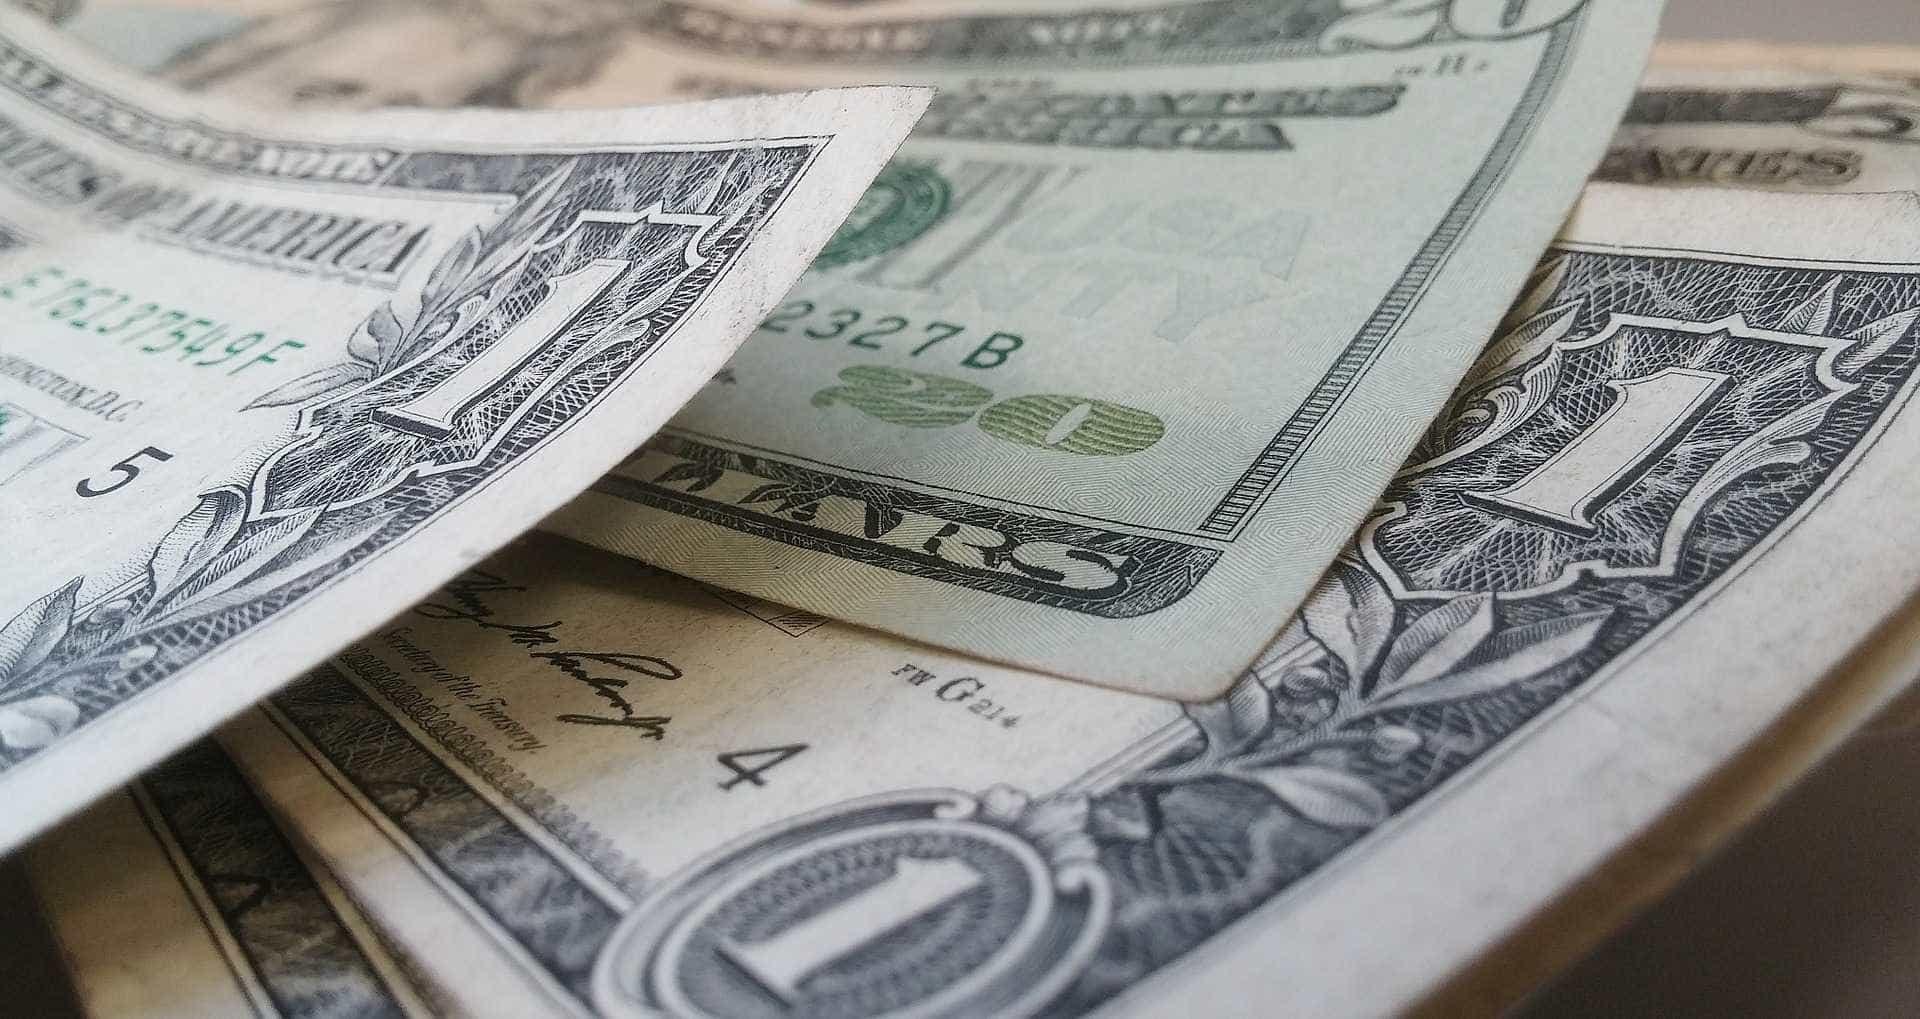 Dólar abre a R$ 4,19 e Bolsa de Valores opera em alta